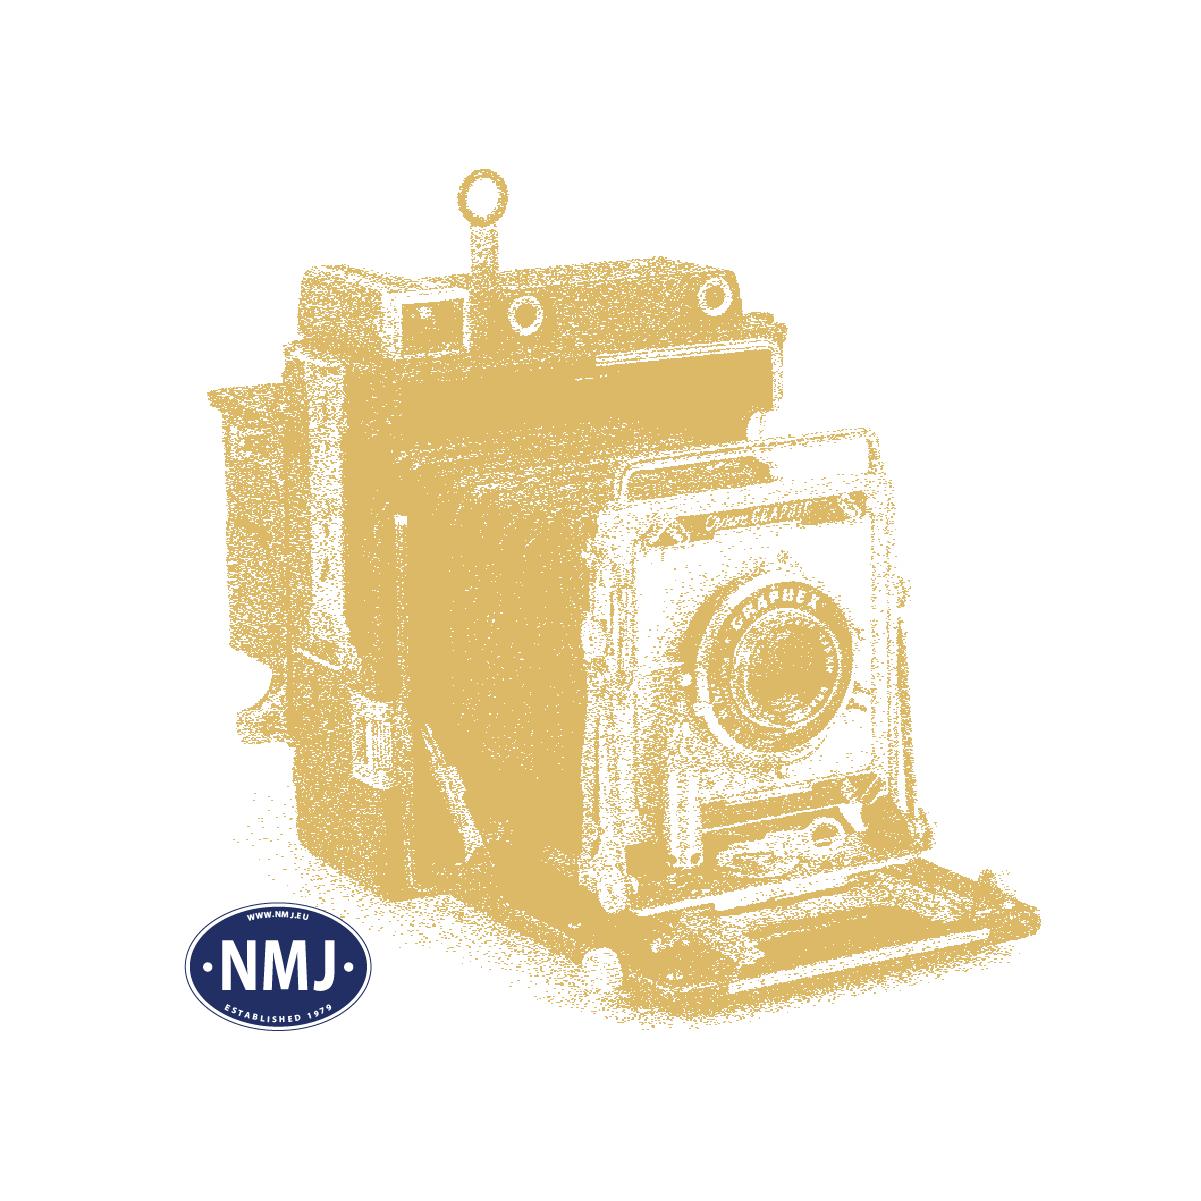 NMJT9907 - Pantograf for NMJ Topline EL13, Gammel type, 1 Stk